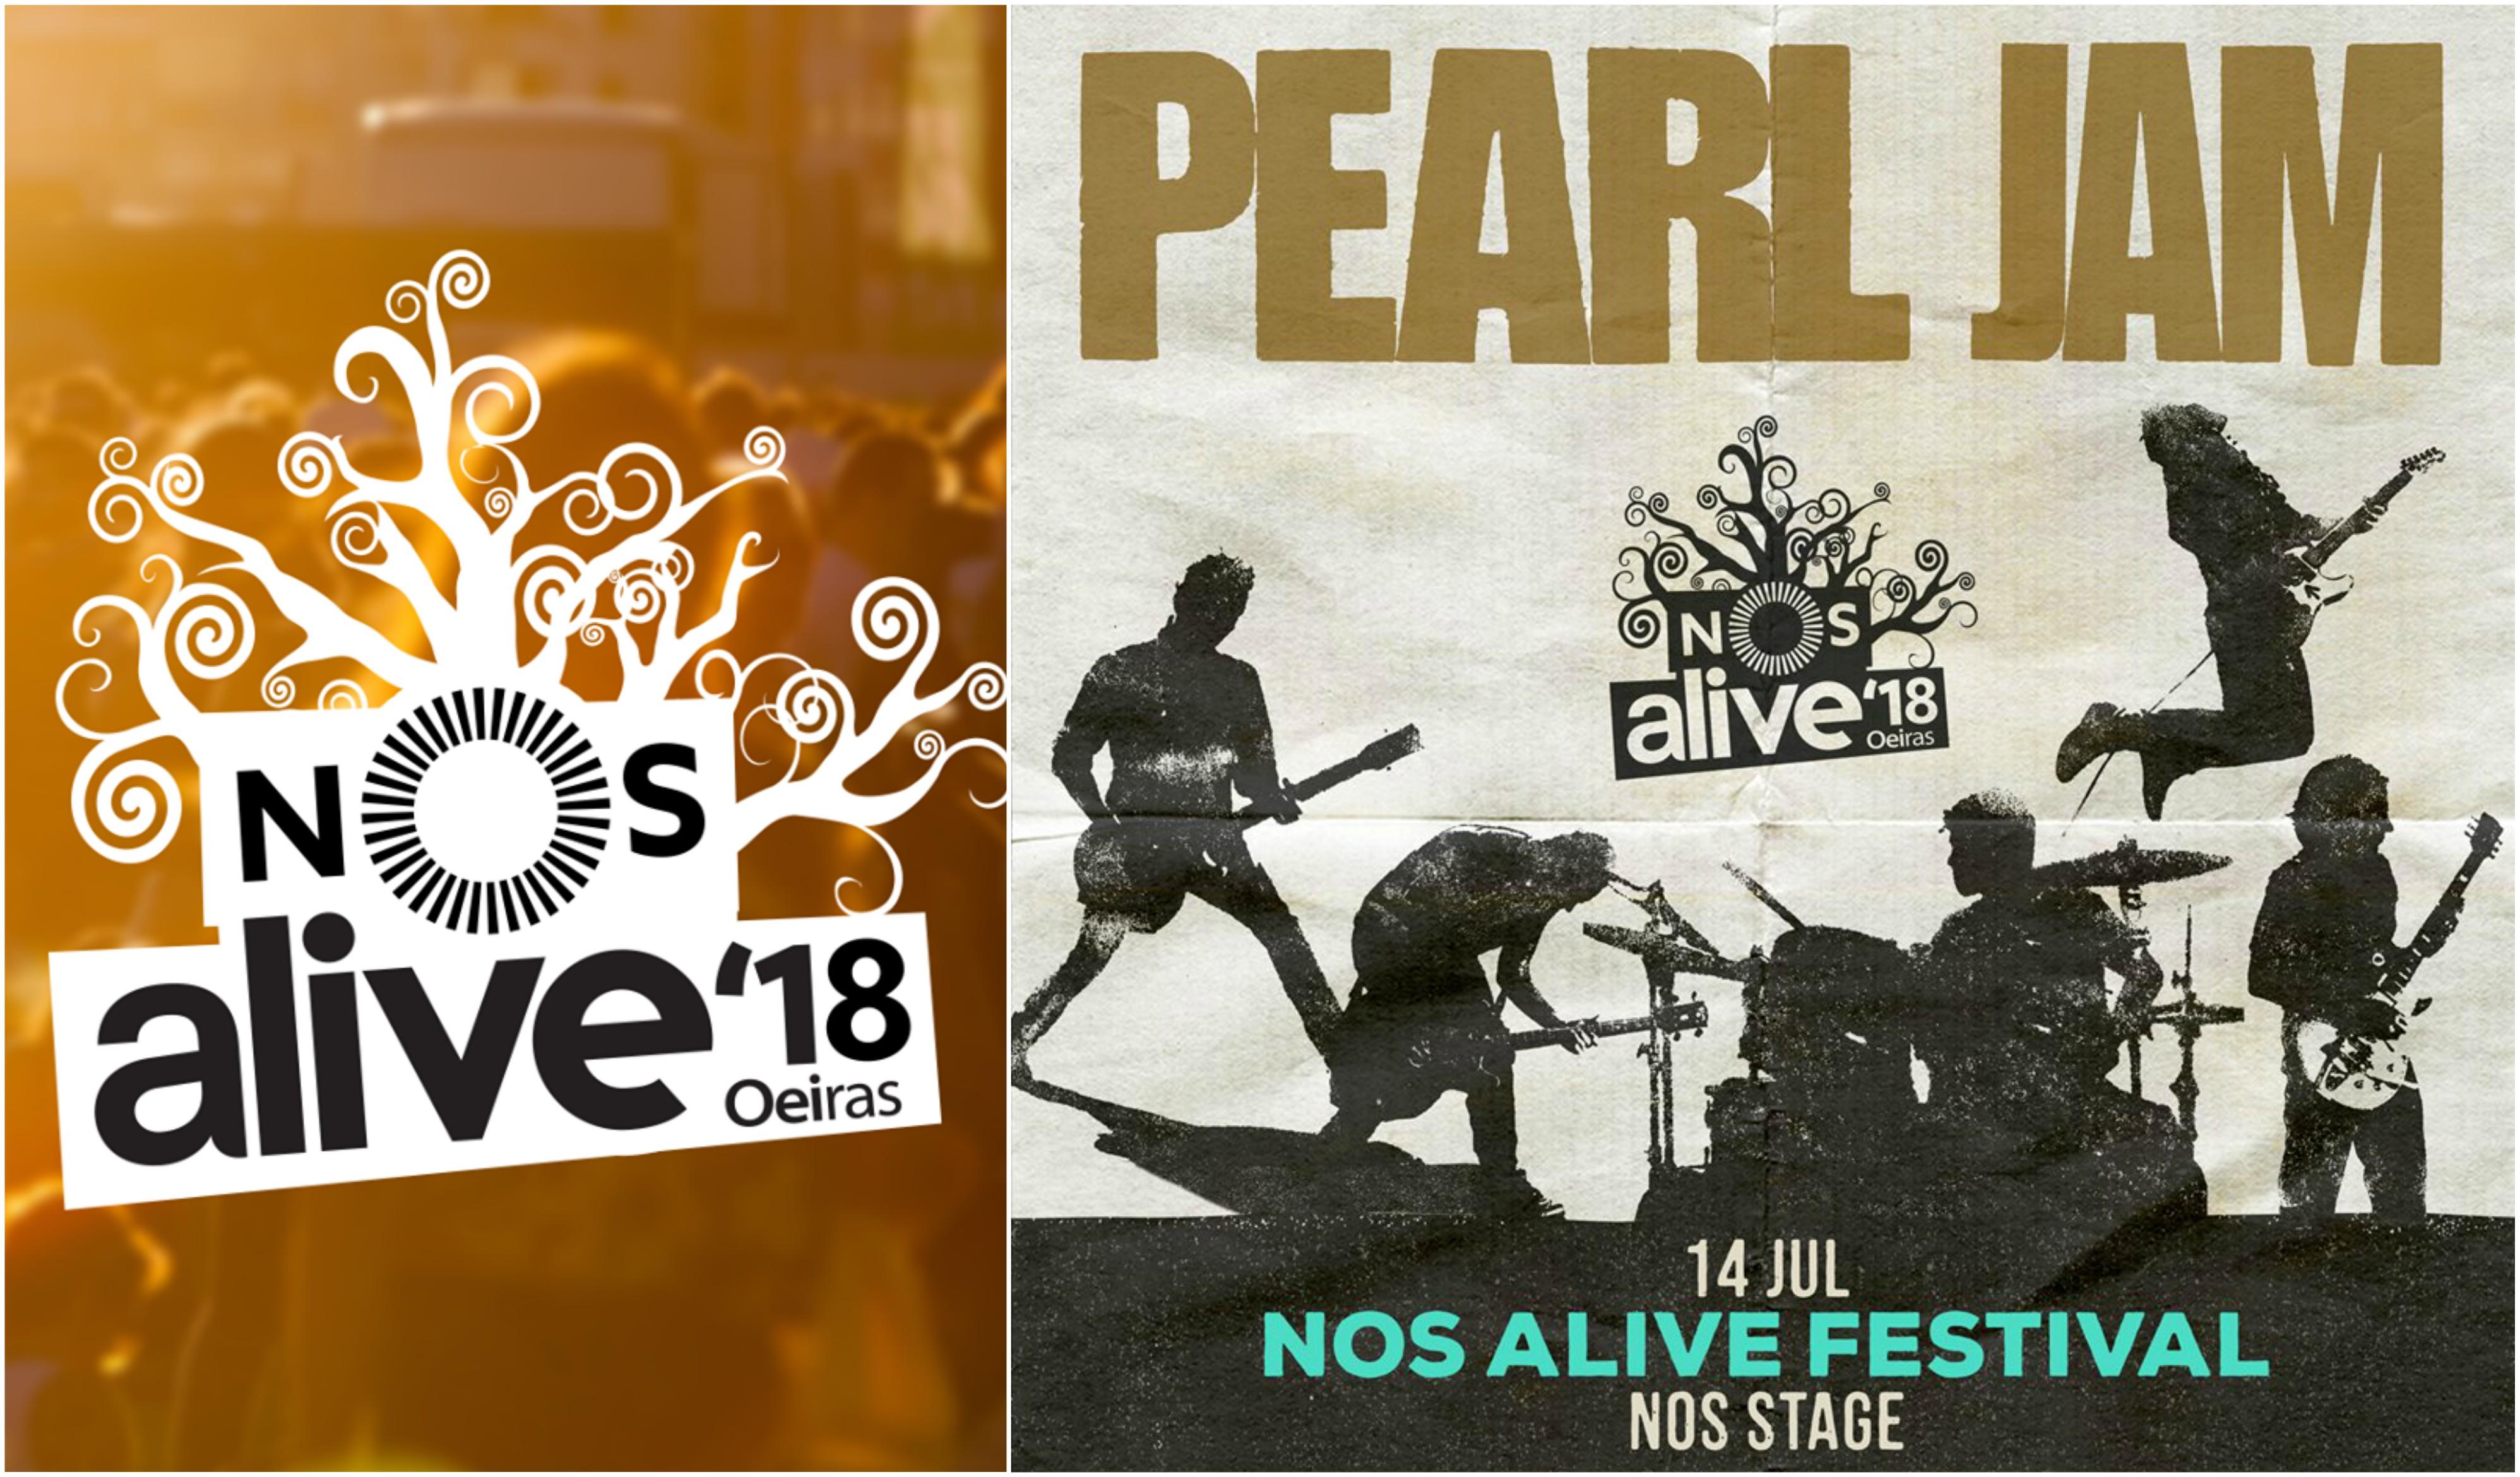 Pearl Jam confirmados no NOS Alive'18